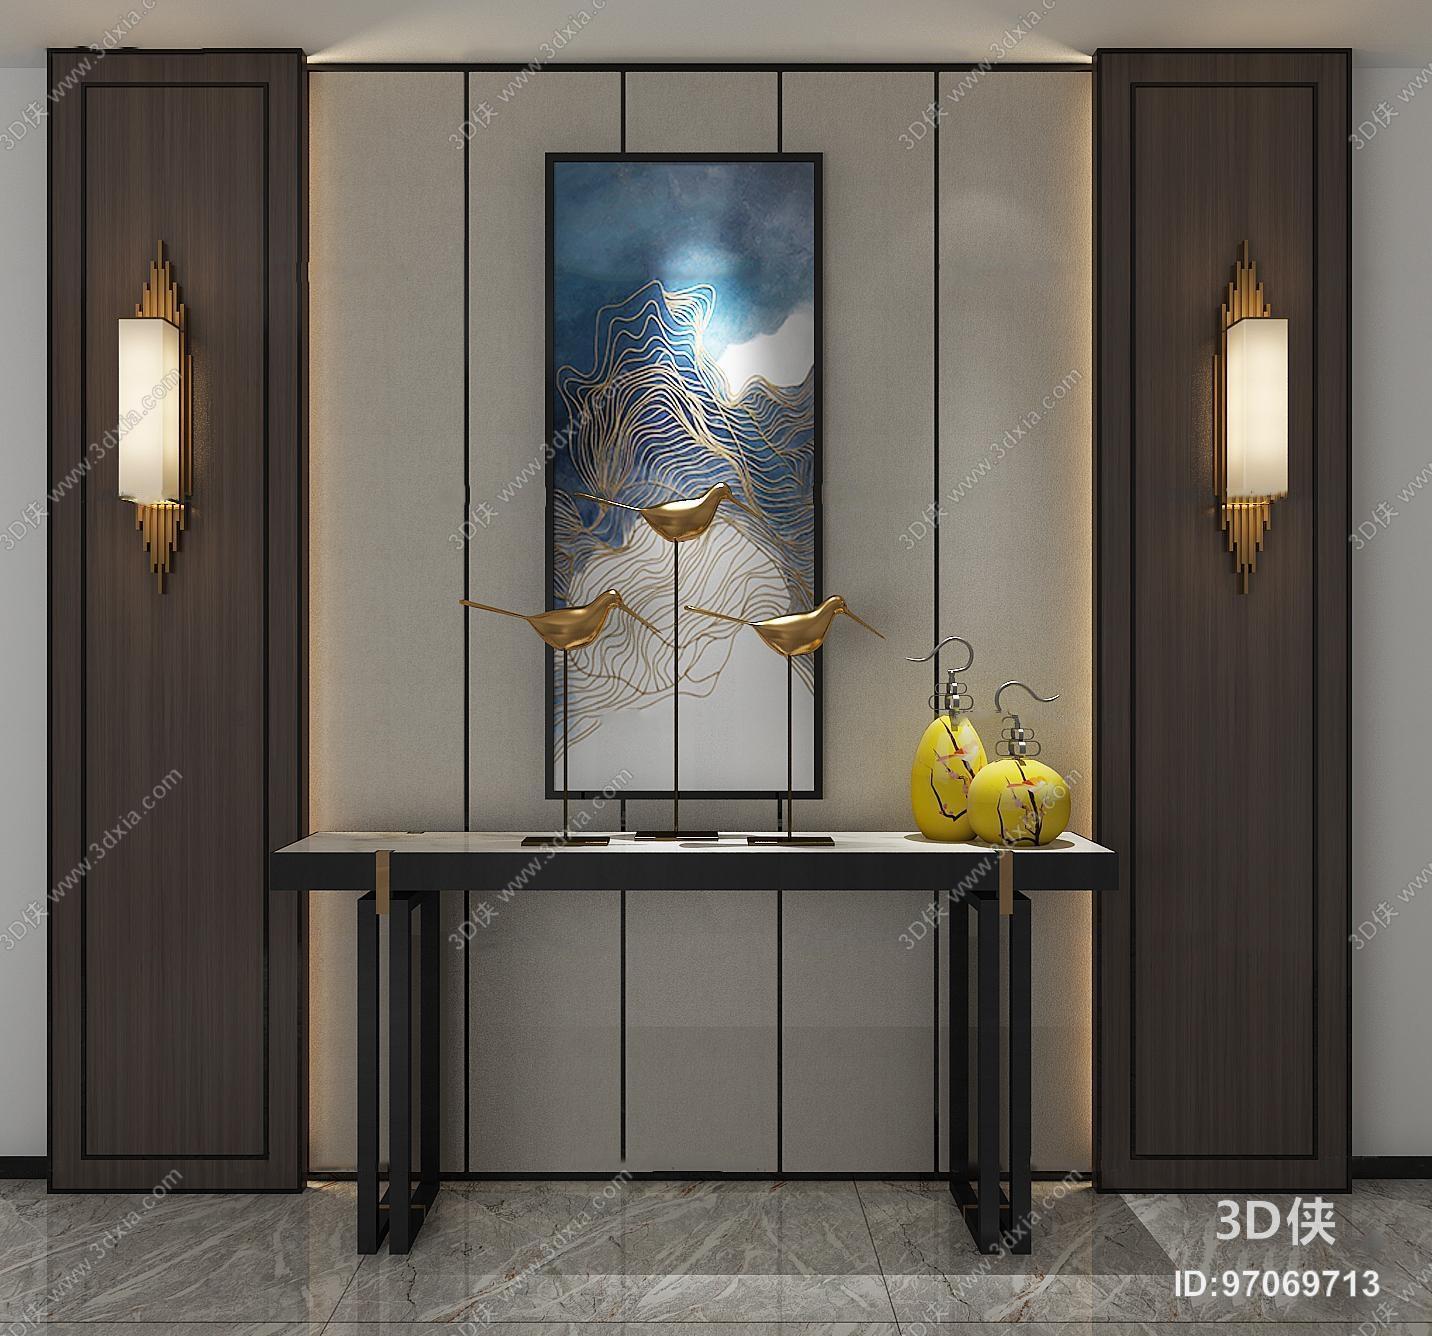 玄关柜效果图素材免费下载,本作品主题是中式实木端景条案壁灯摆件